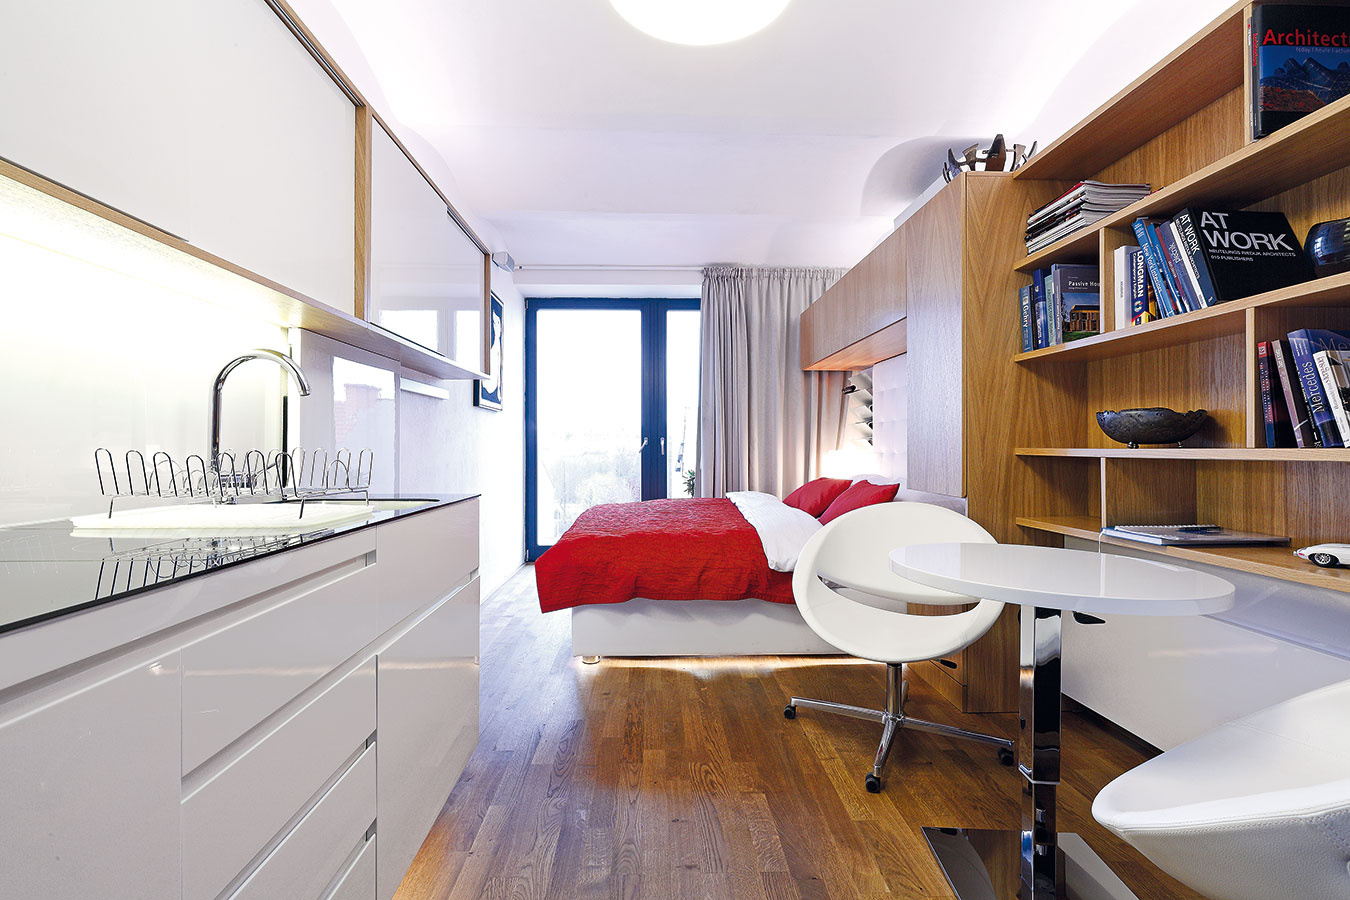 Malometrážny byt na najvyššom poschodí brnianskej bytovky navrhol architekt Adam Rujbr. Obývačku, kuchyňu, jedáleň, pracovňu, spálňu, predsieň, kúpeľňu, adokonca aj samostatnú toaletu sa mu vďaka dômyselným riešeniam podarilo vpratať na neuveriteľných 21 m2.